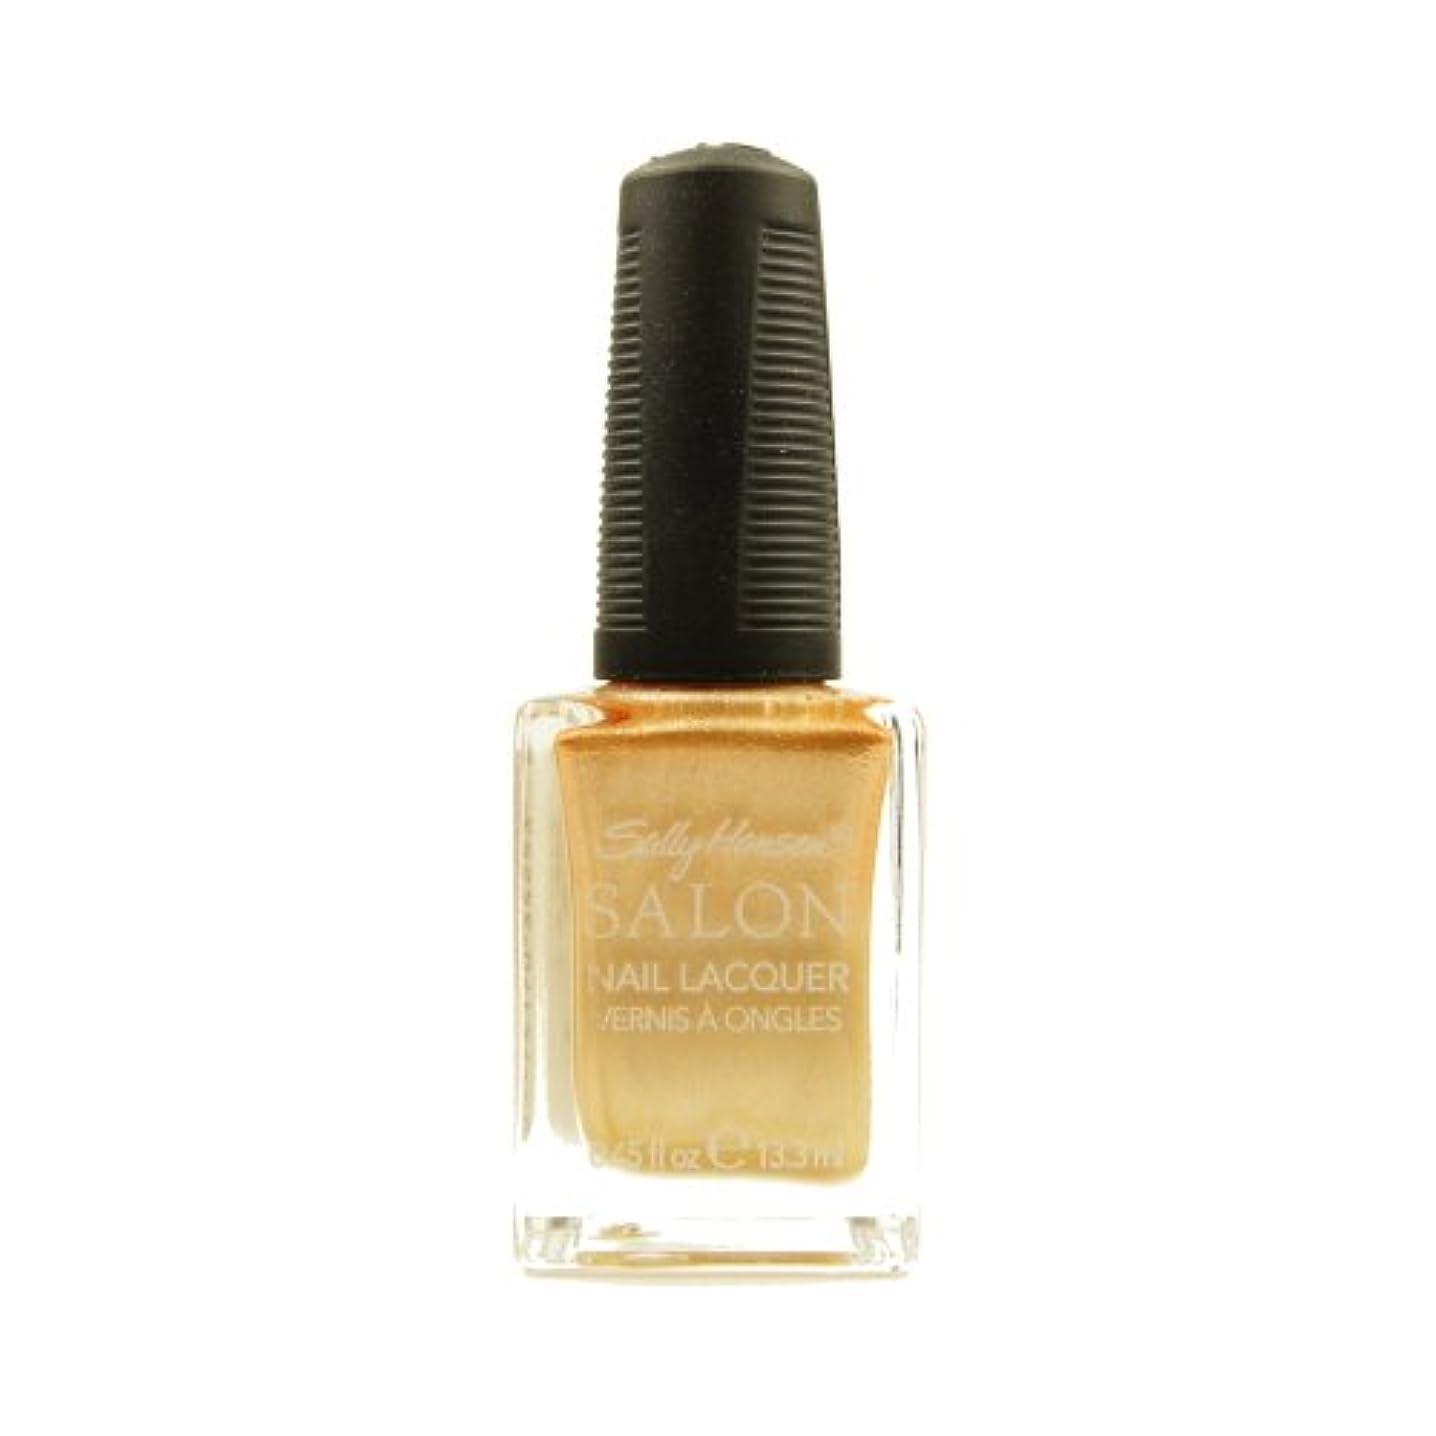 ベックス異形不良(3 Pack) SALLY HANSEN Salon Nail Lacquer 4134 - Gilty Pleasure (並行輸入品)